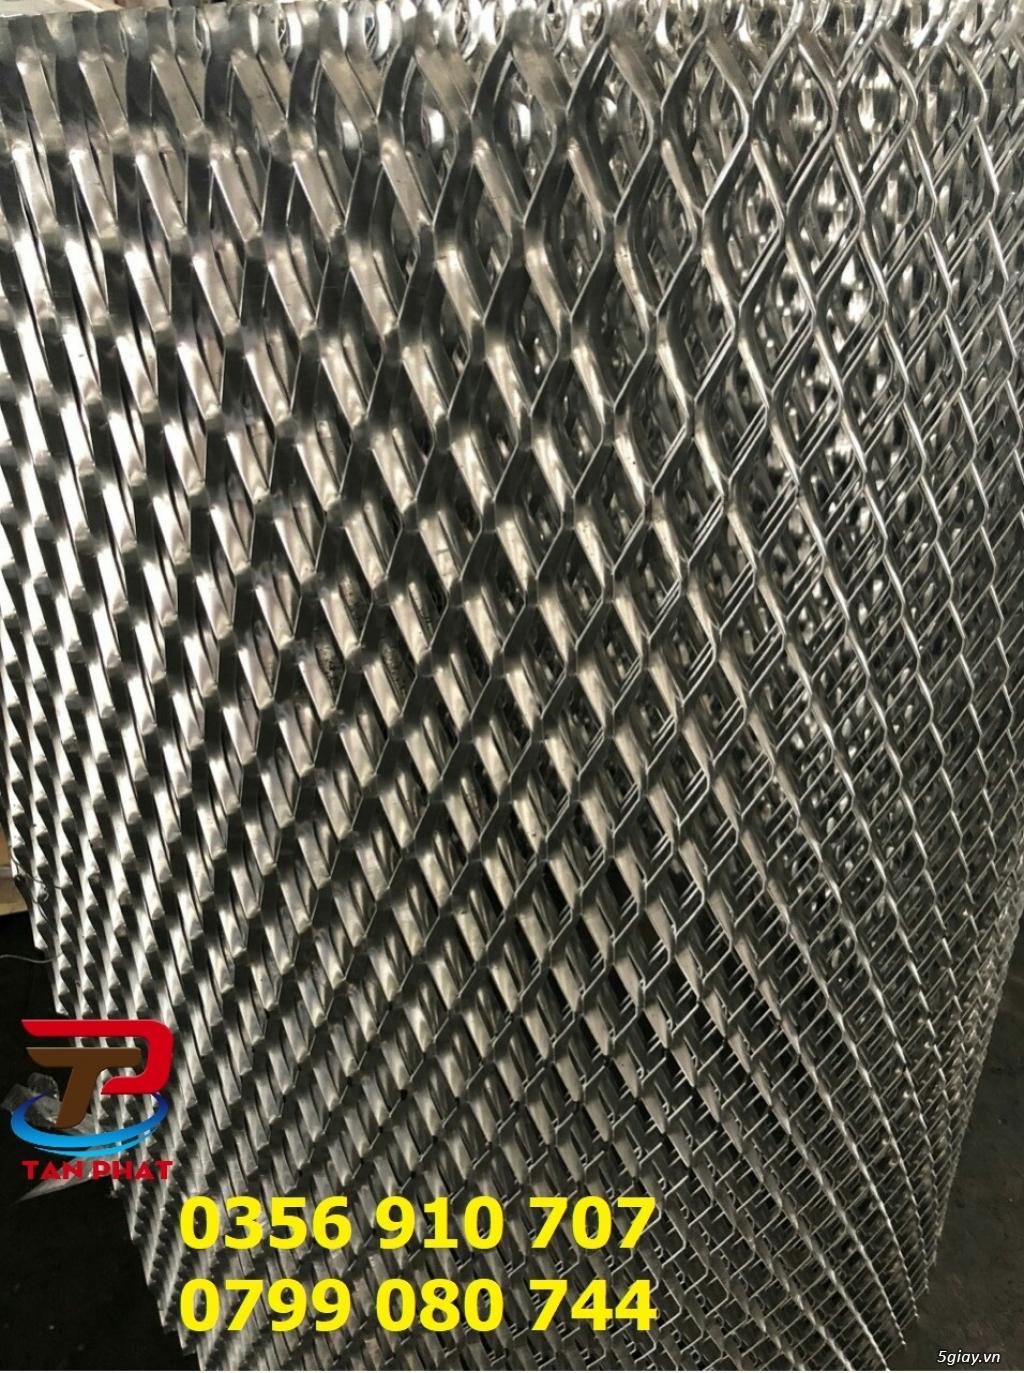 Lưới thép mắt cáo, lưới hình thoi, lưới sắt hình thoi - 8